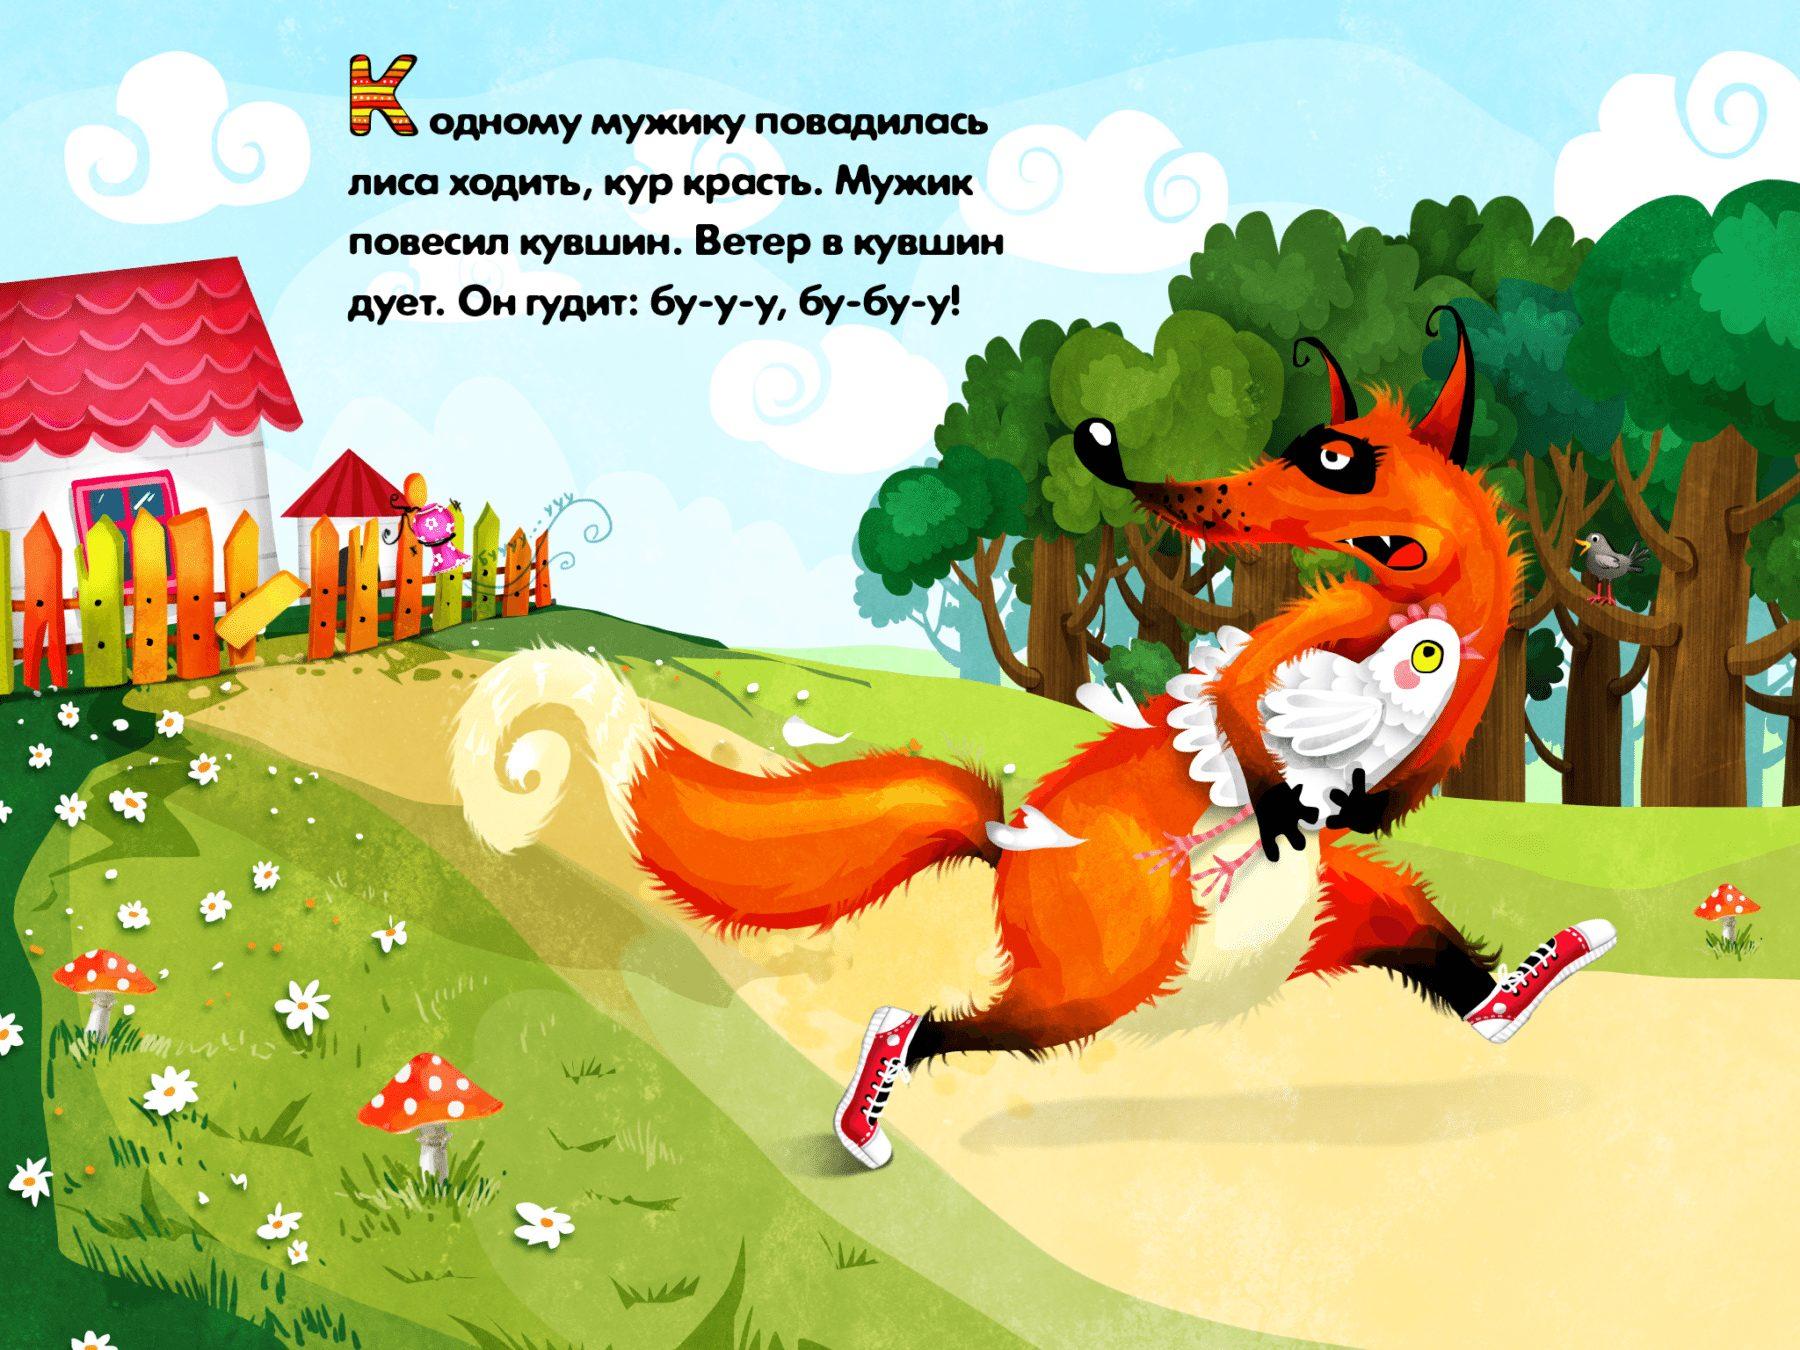 Лиса и кувшин. Детская интерактивная история для iPad